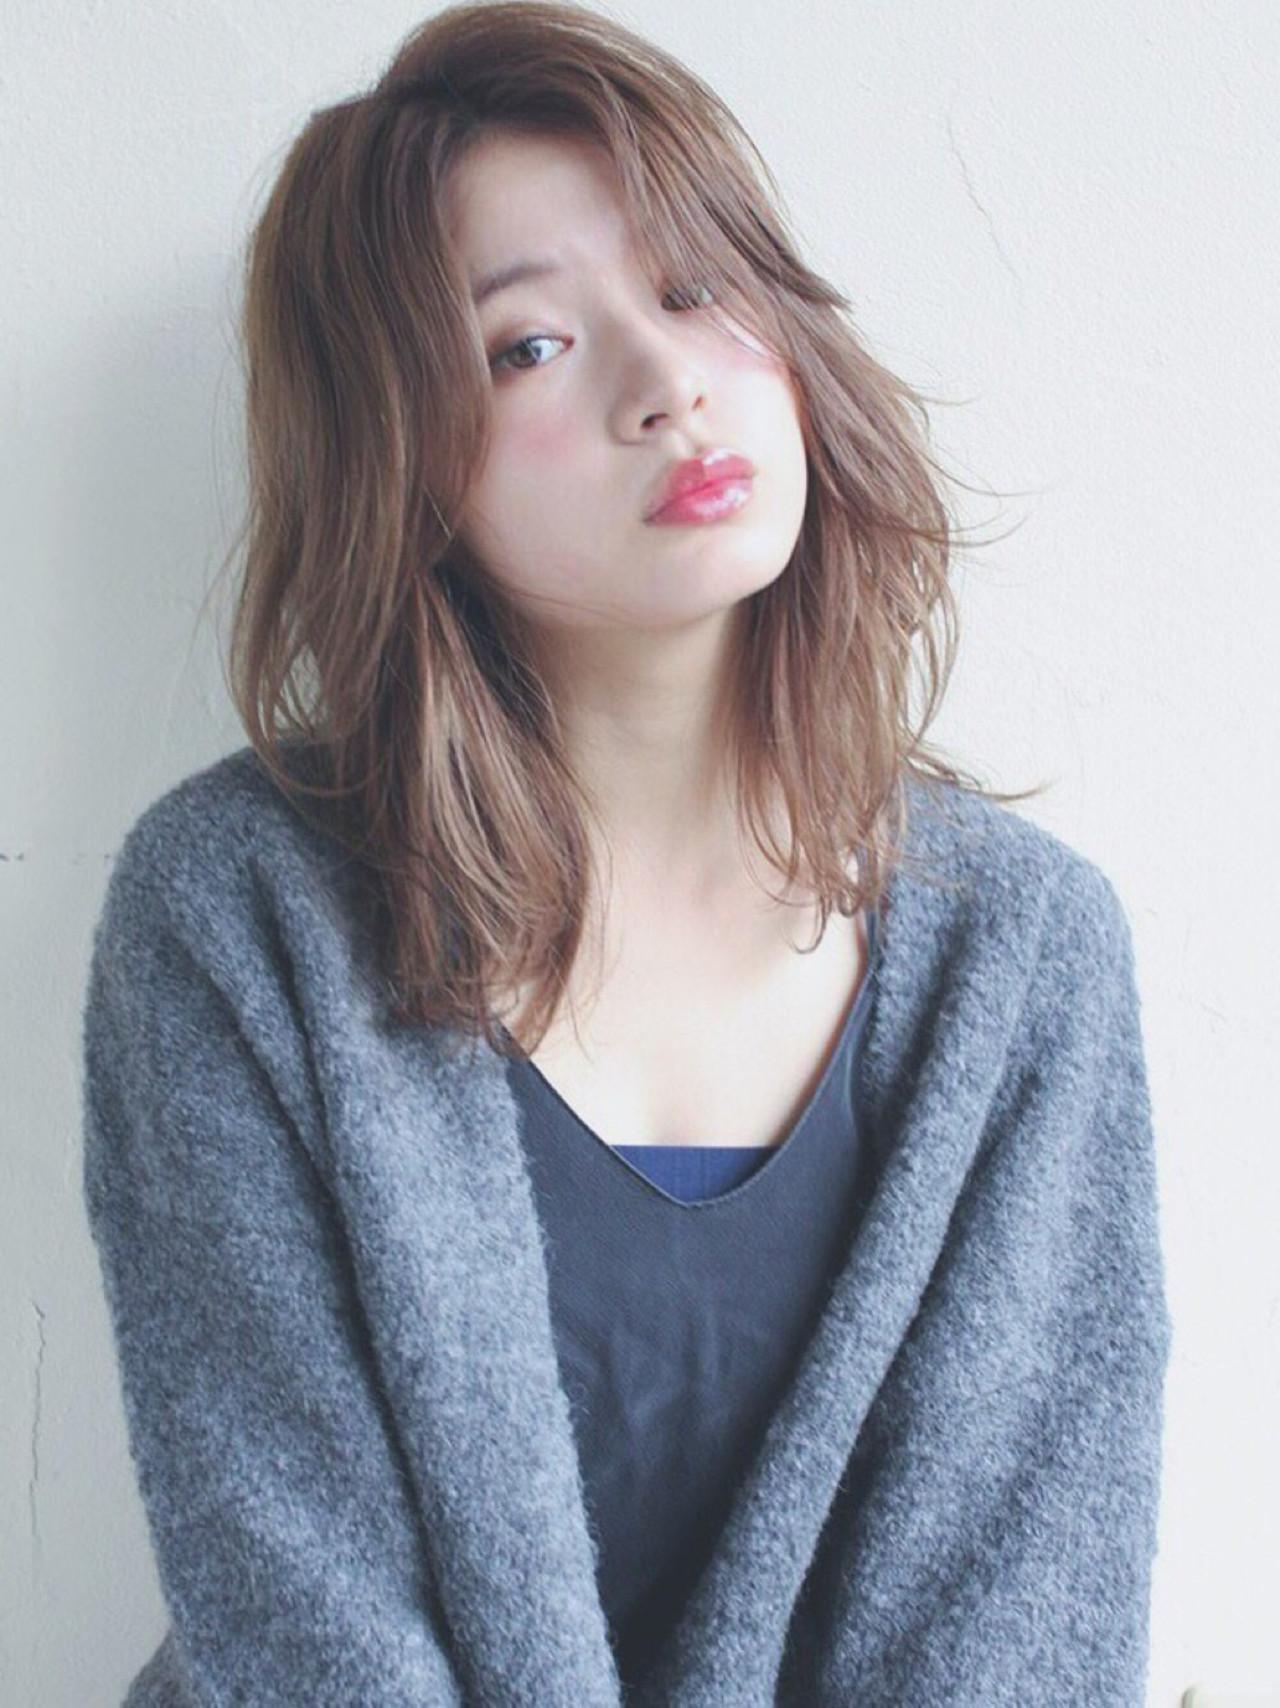 小顔 ブラウンベージュ こなれ感 ミディアム ヘアスタイルや髪型の写真・画像